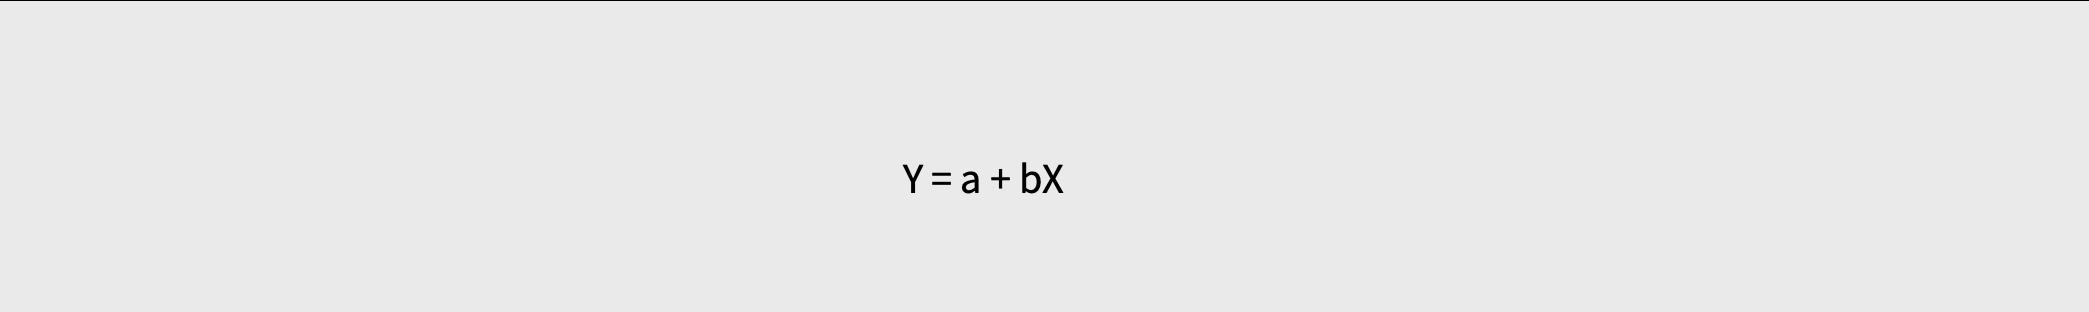 회귀분석의 계산 수식 이미지입니다.